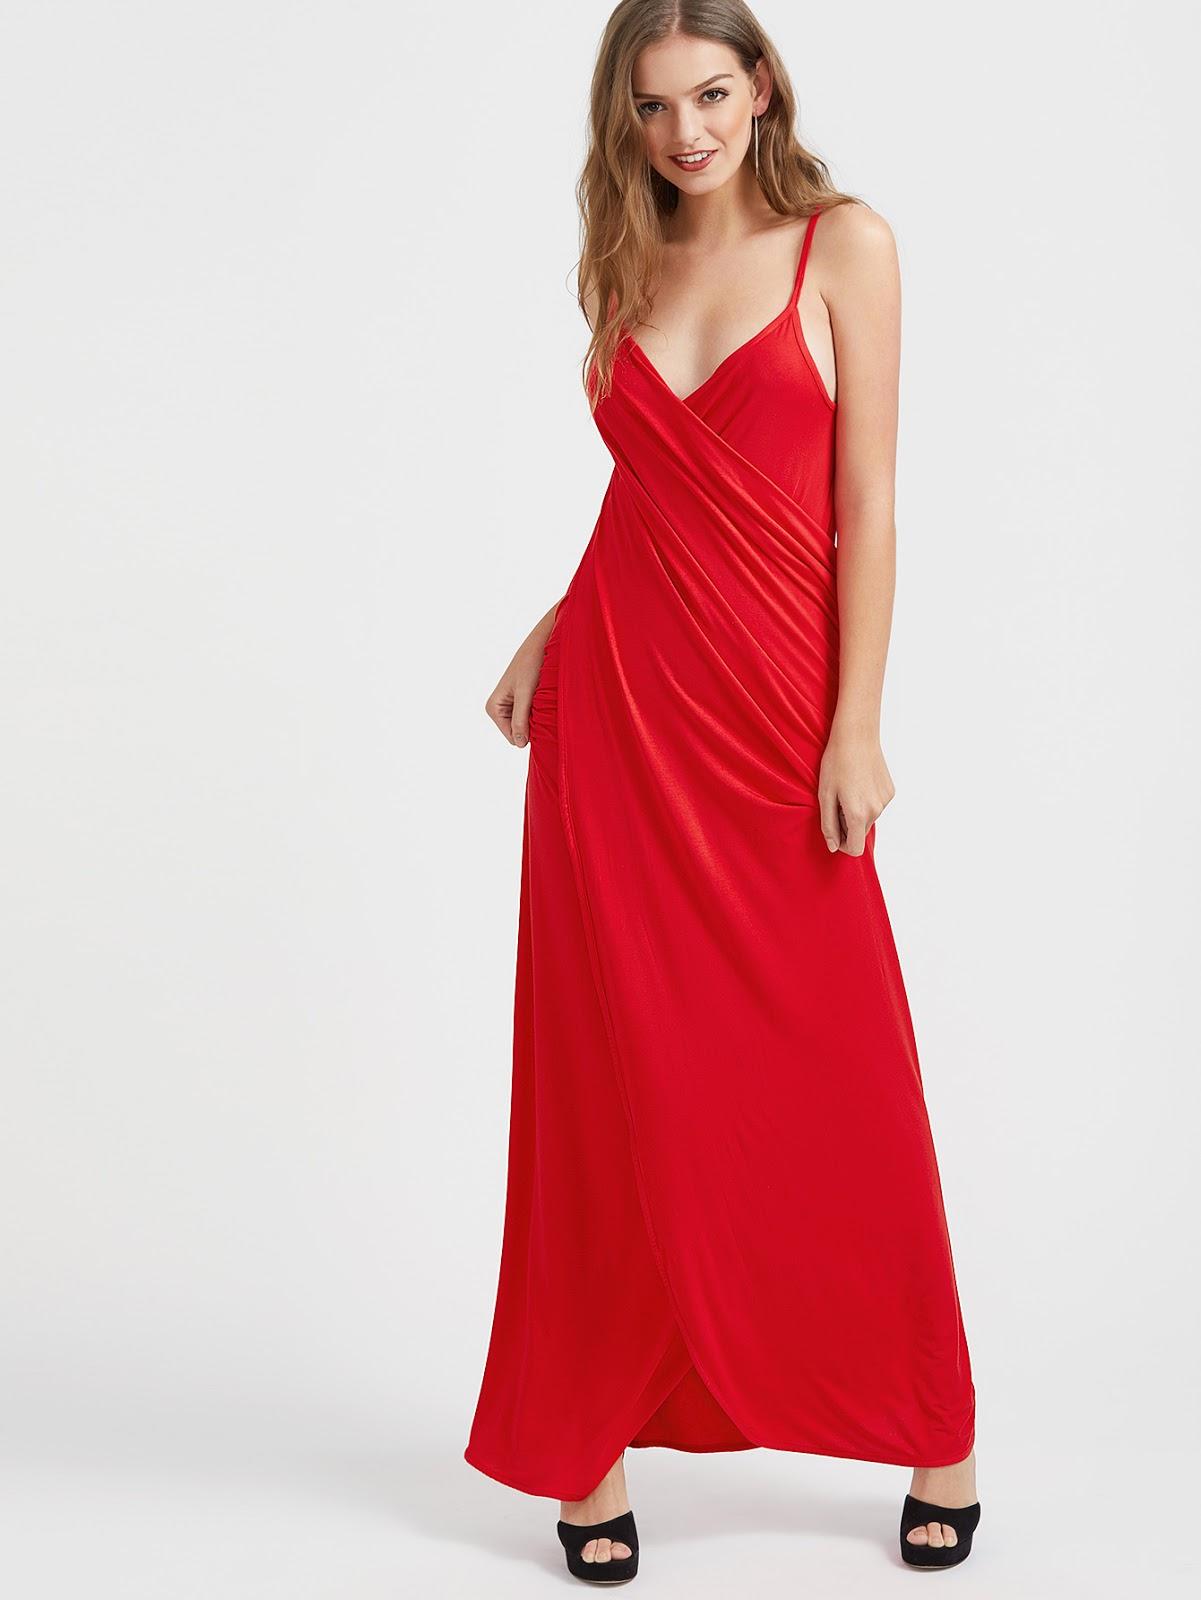 Vestido rojo largo casual